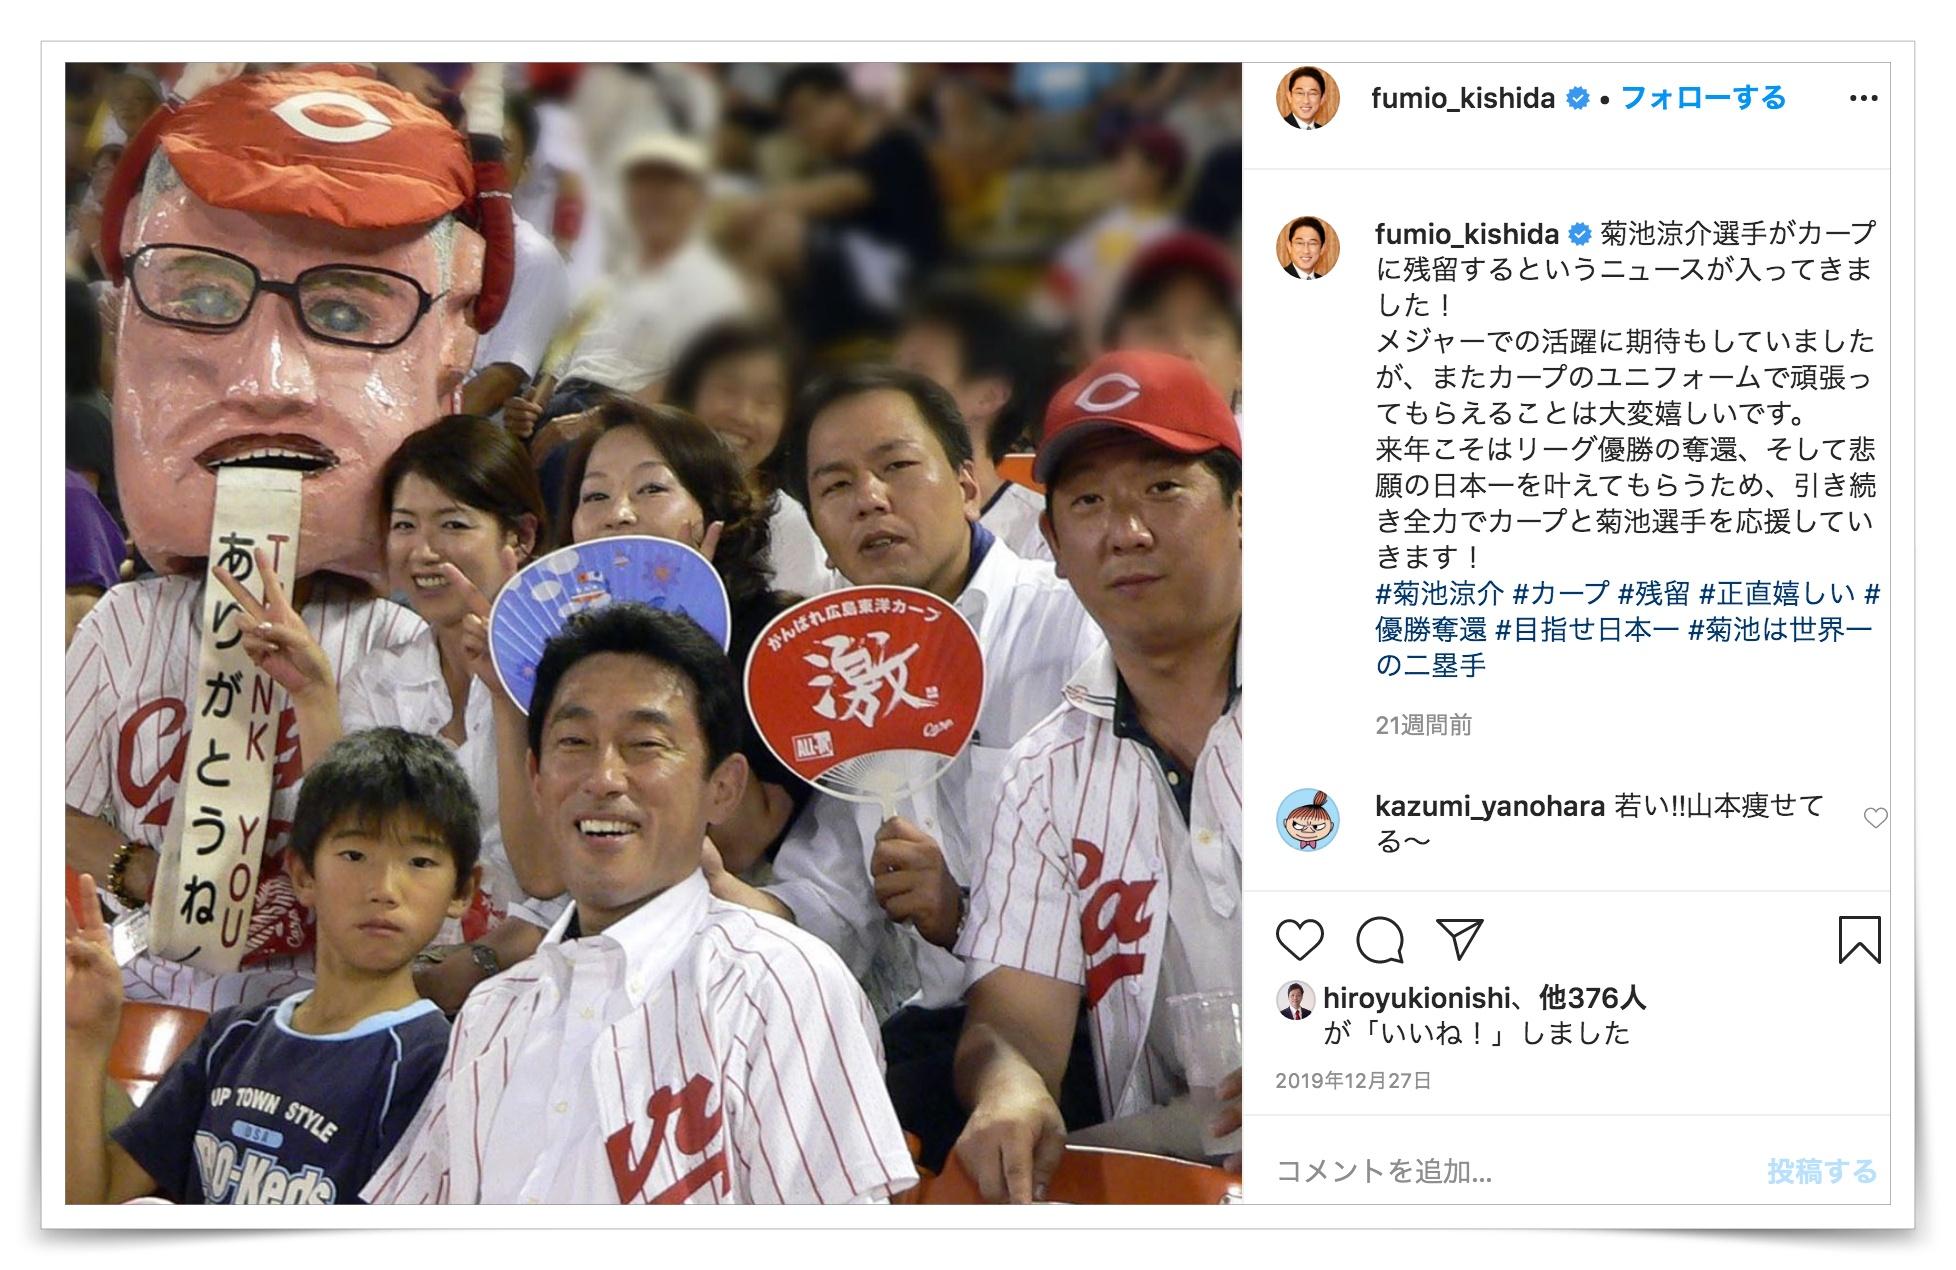 岸田文雄と息子とのインスタ画像